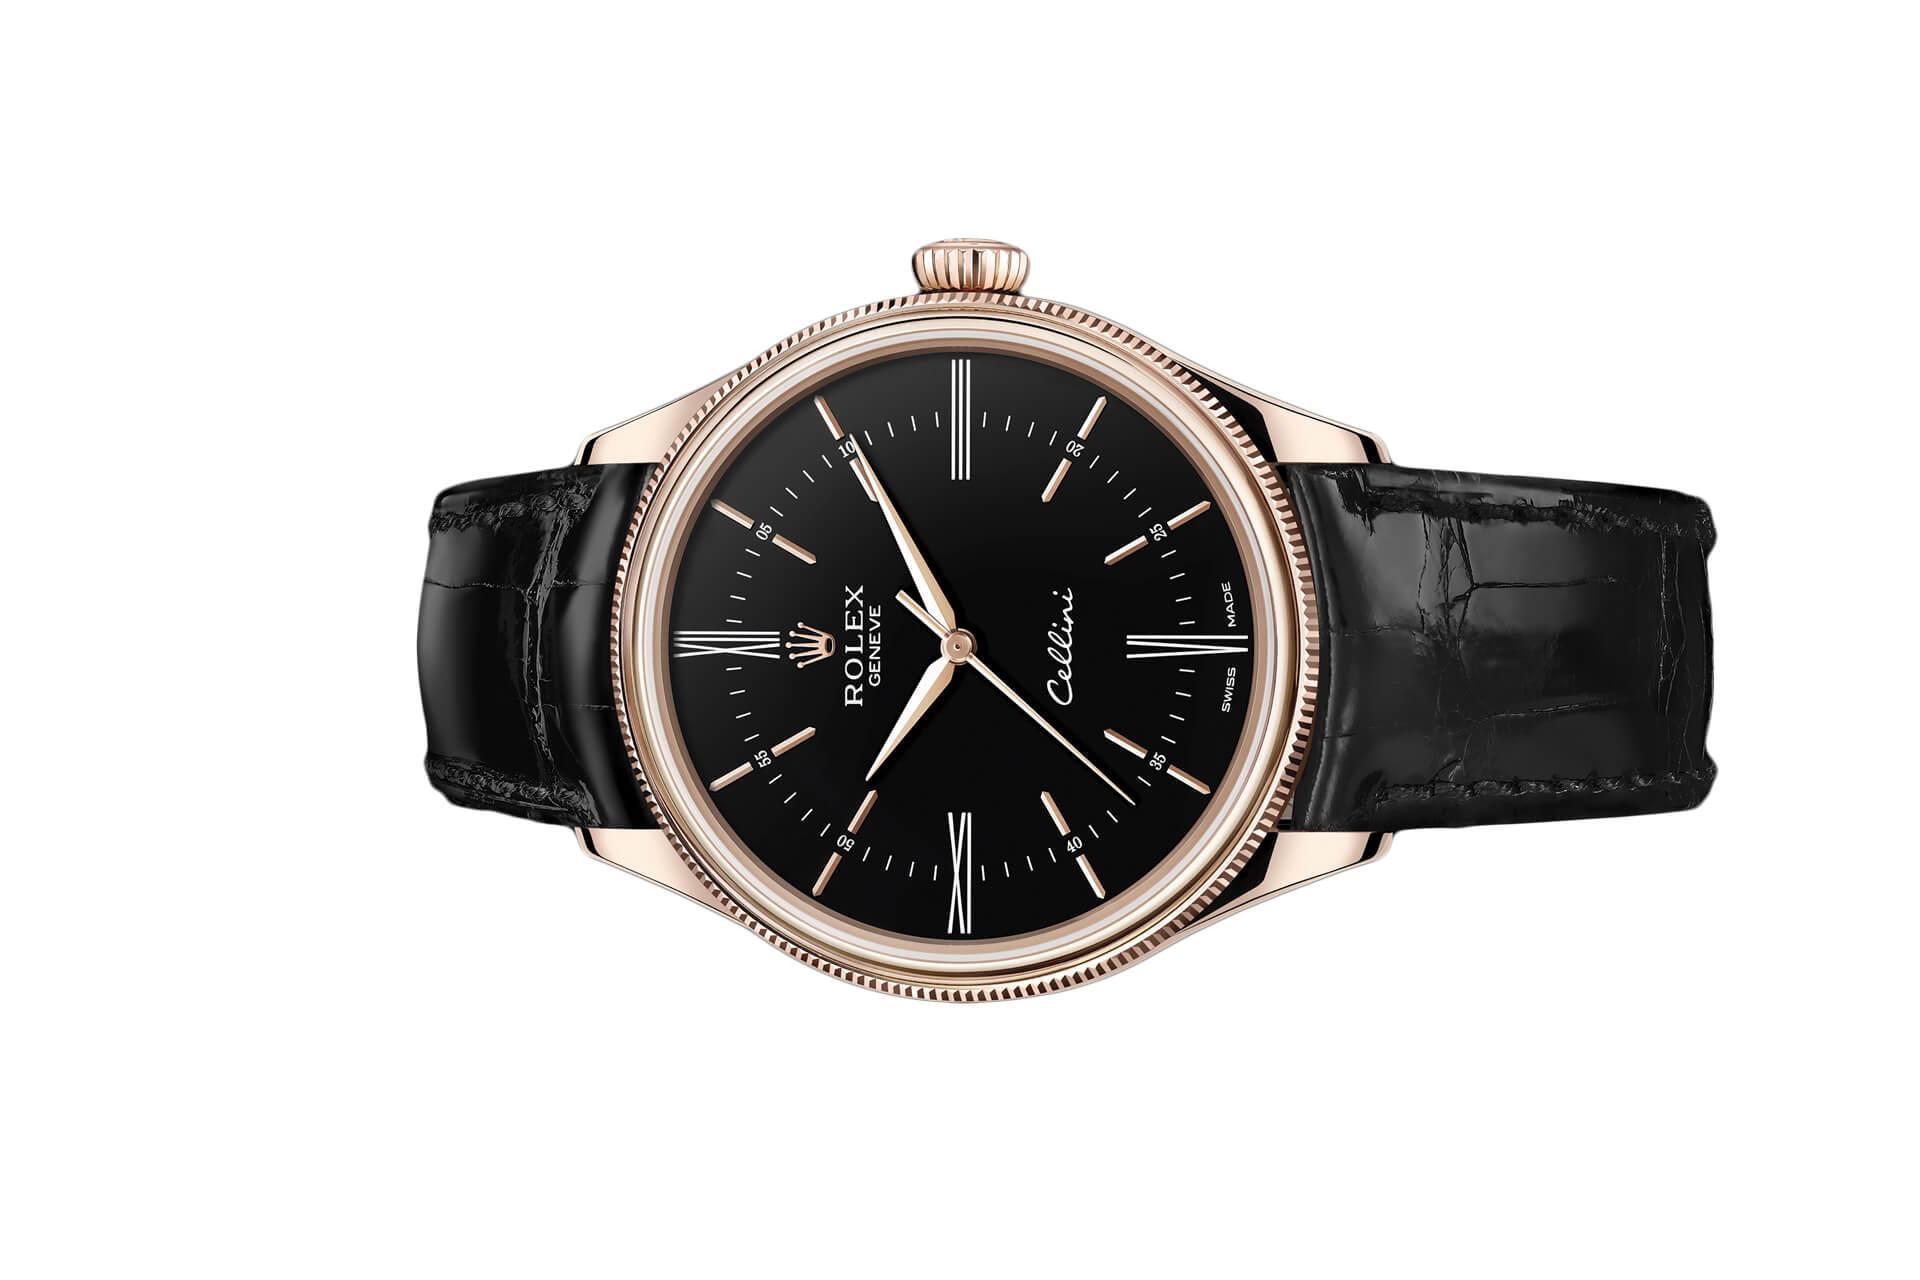 3 mẫu đồng hồ Rolex Cellini bán chạy nhất thị trường